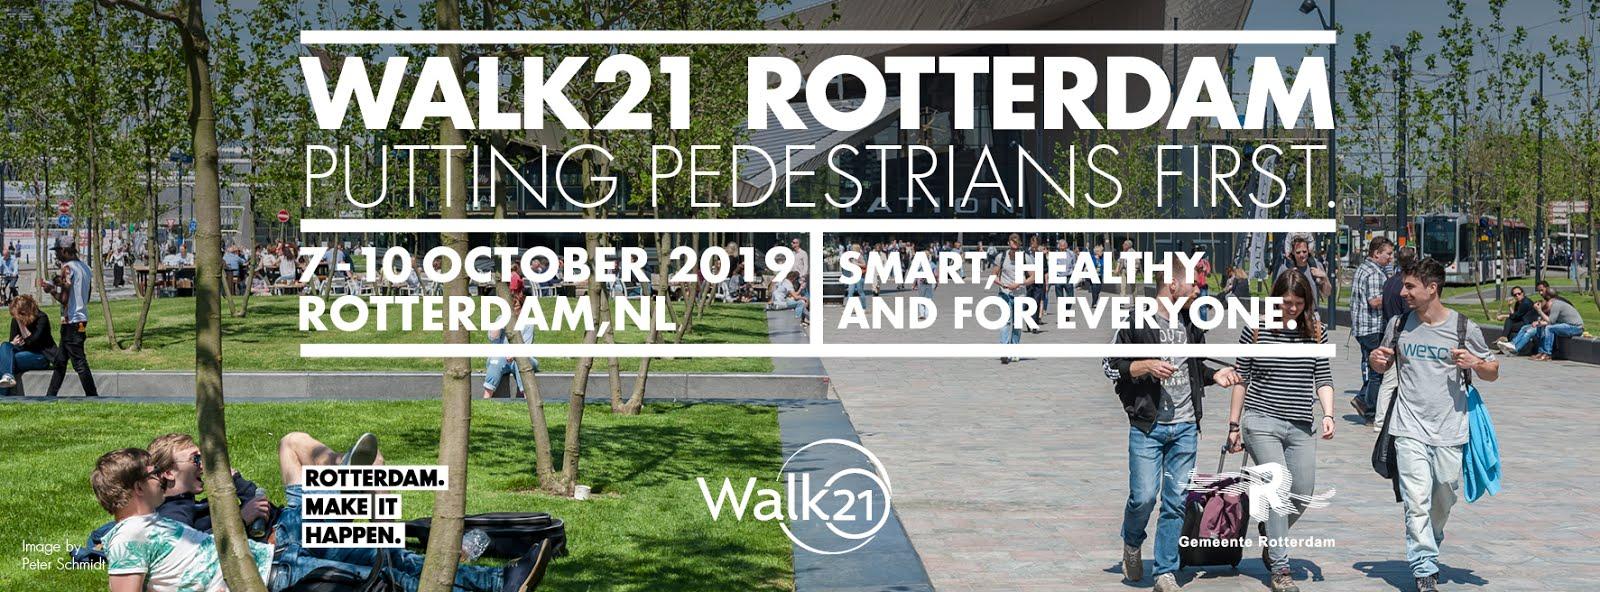 INVITATI ALLA WALK21 - ROTTERDAM